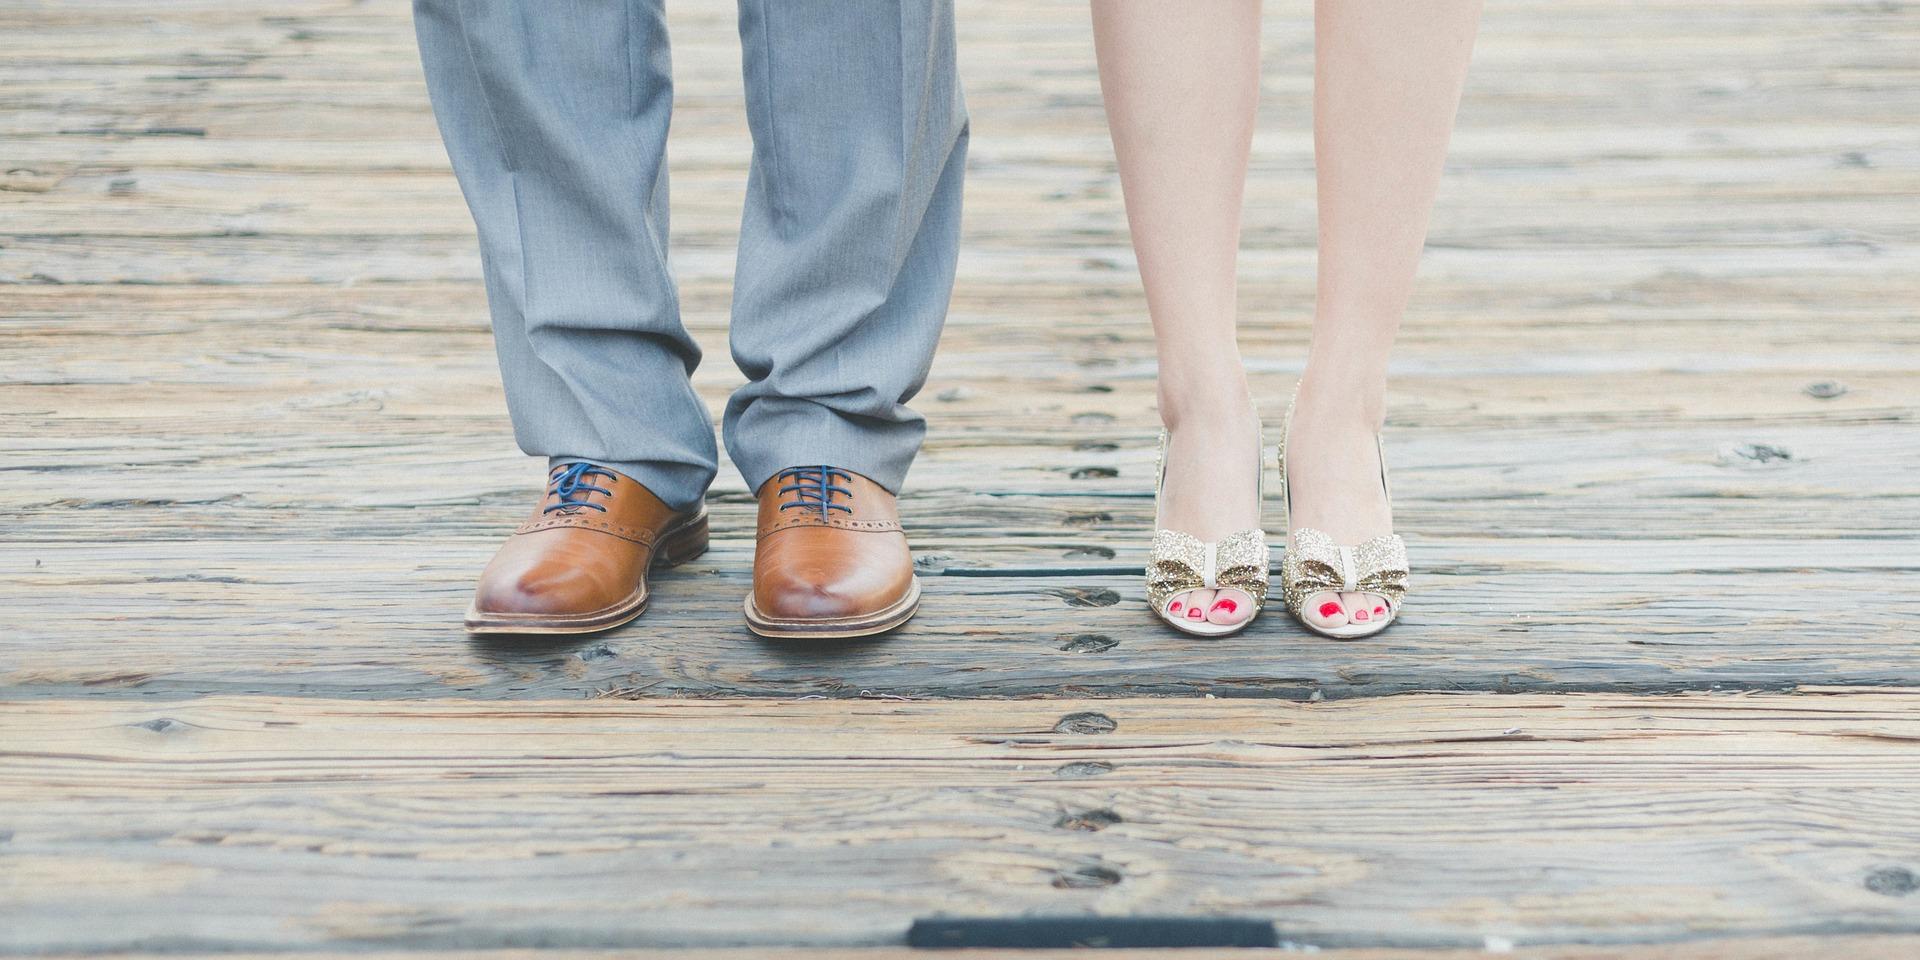 冷めきったカップルの足元の画像